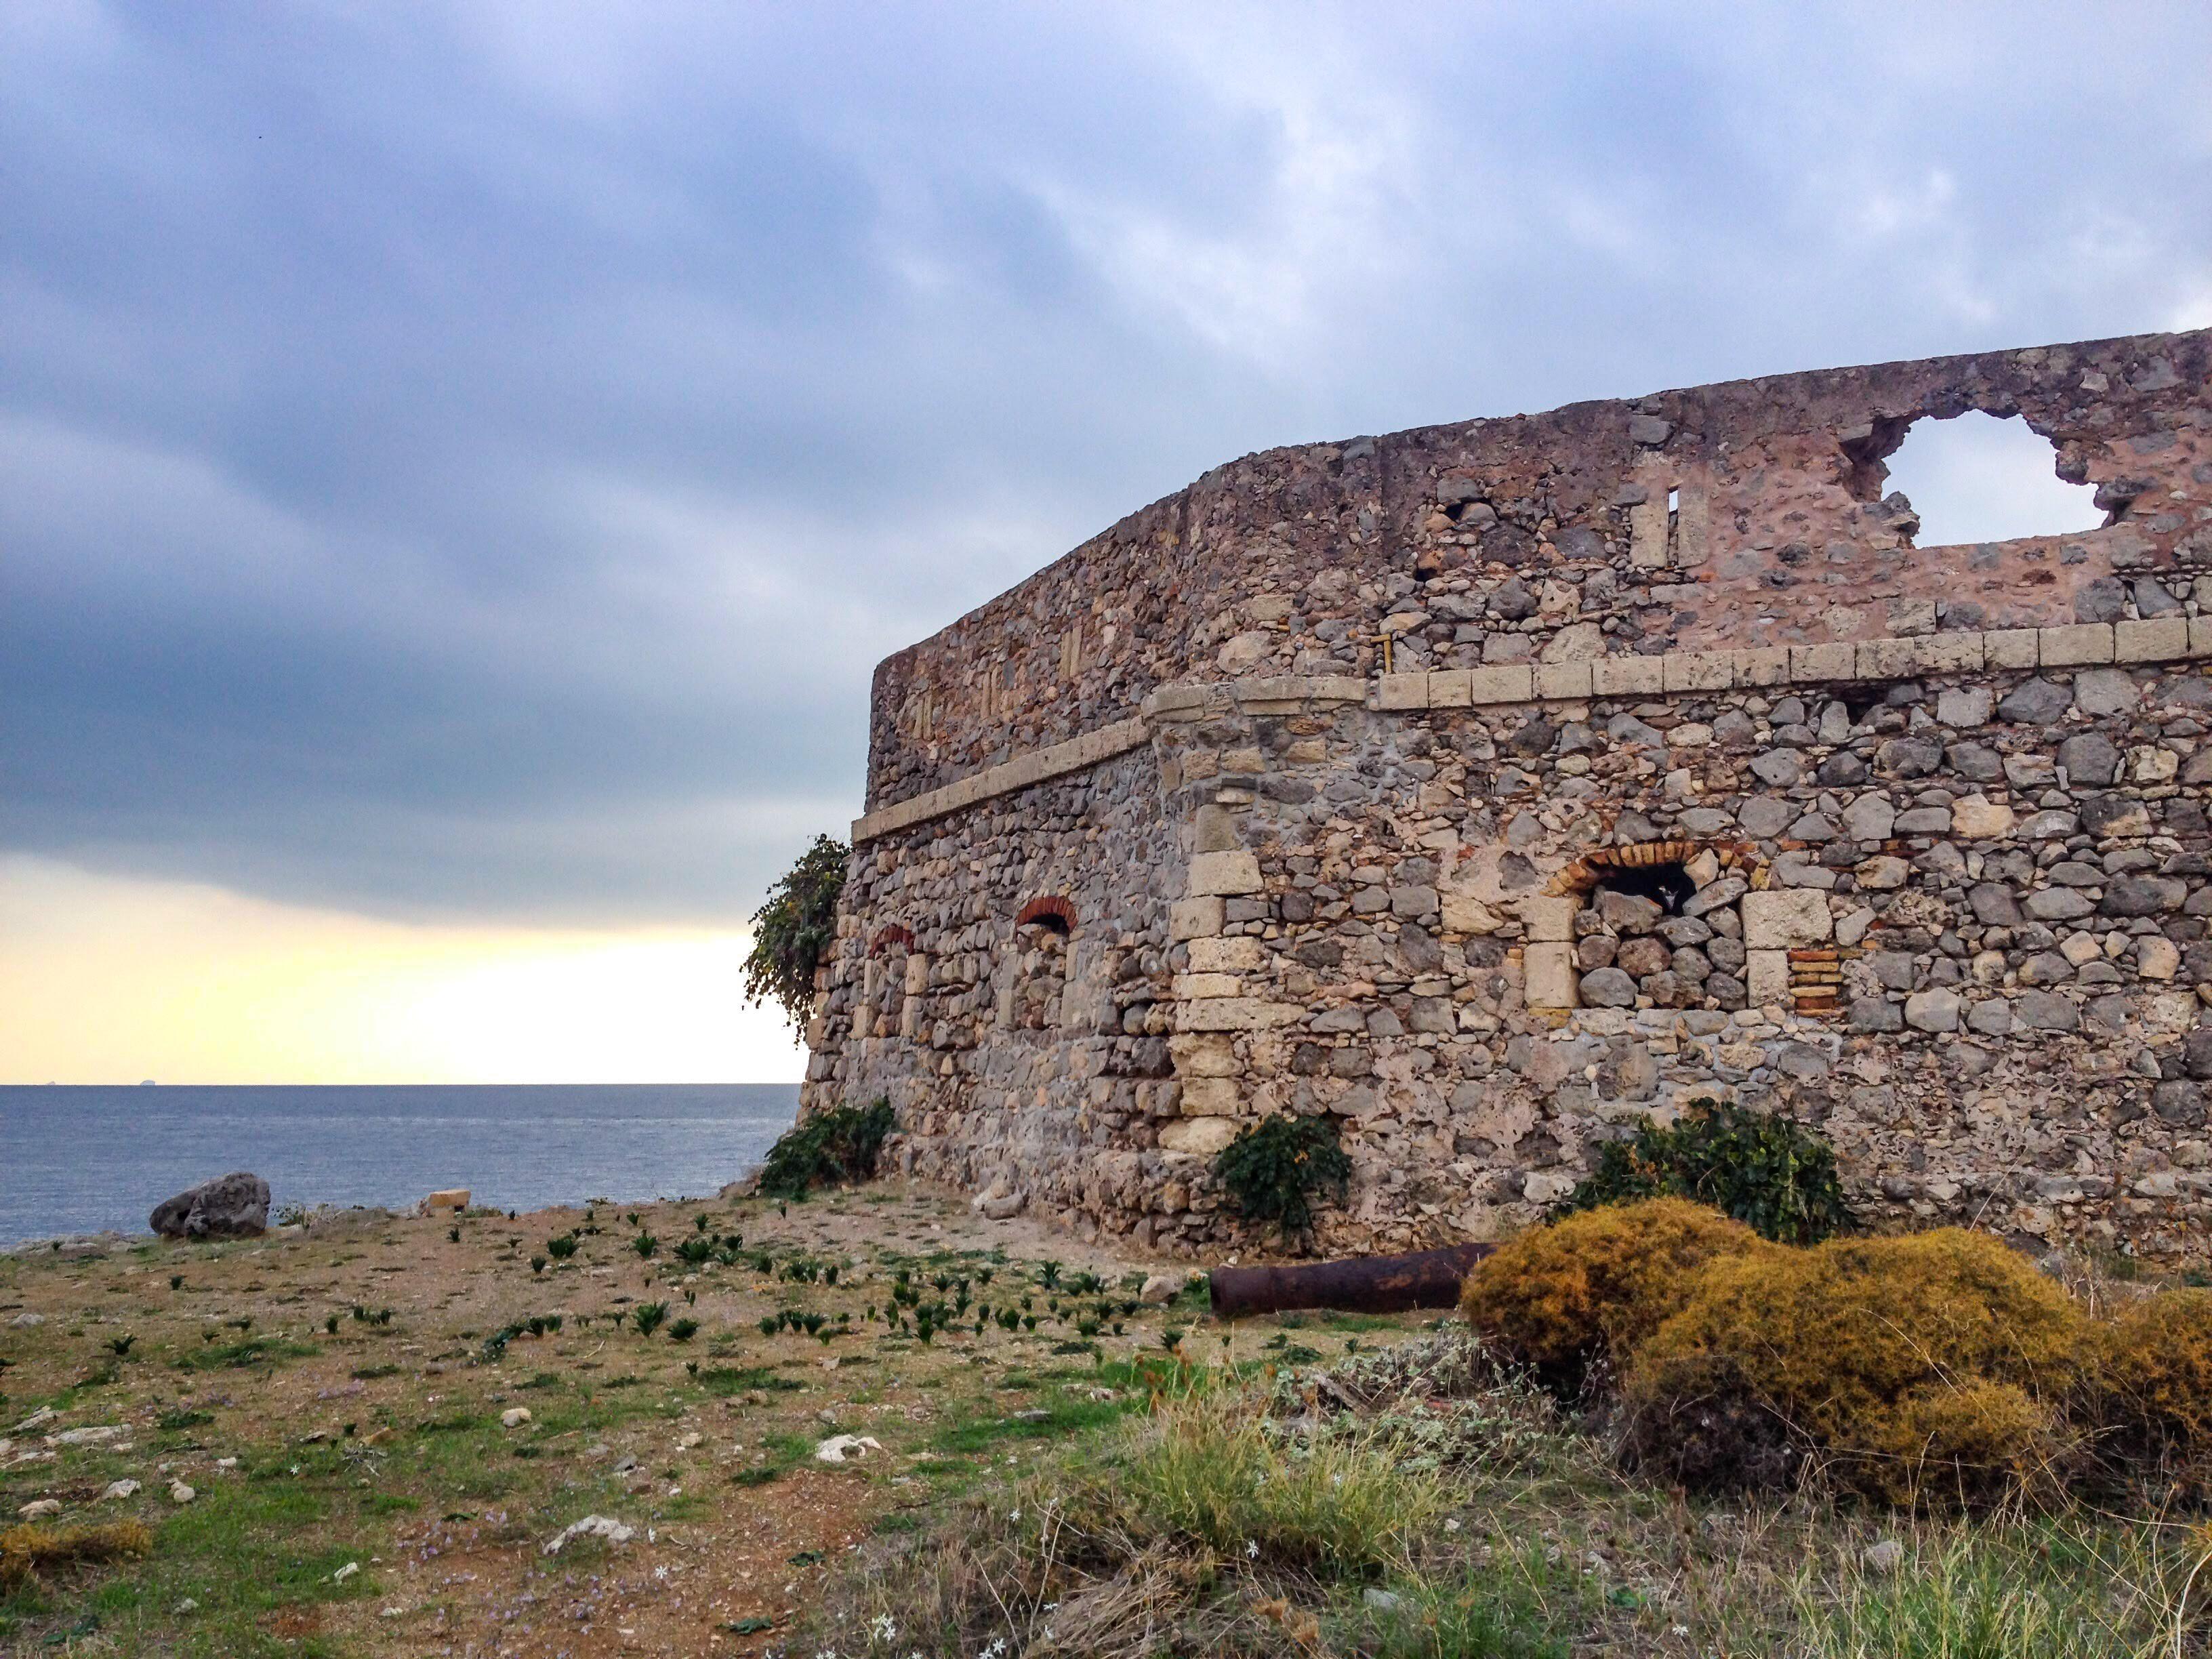 Καστρο Αυλαίμονα / Castle of Avlemonas